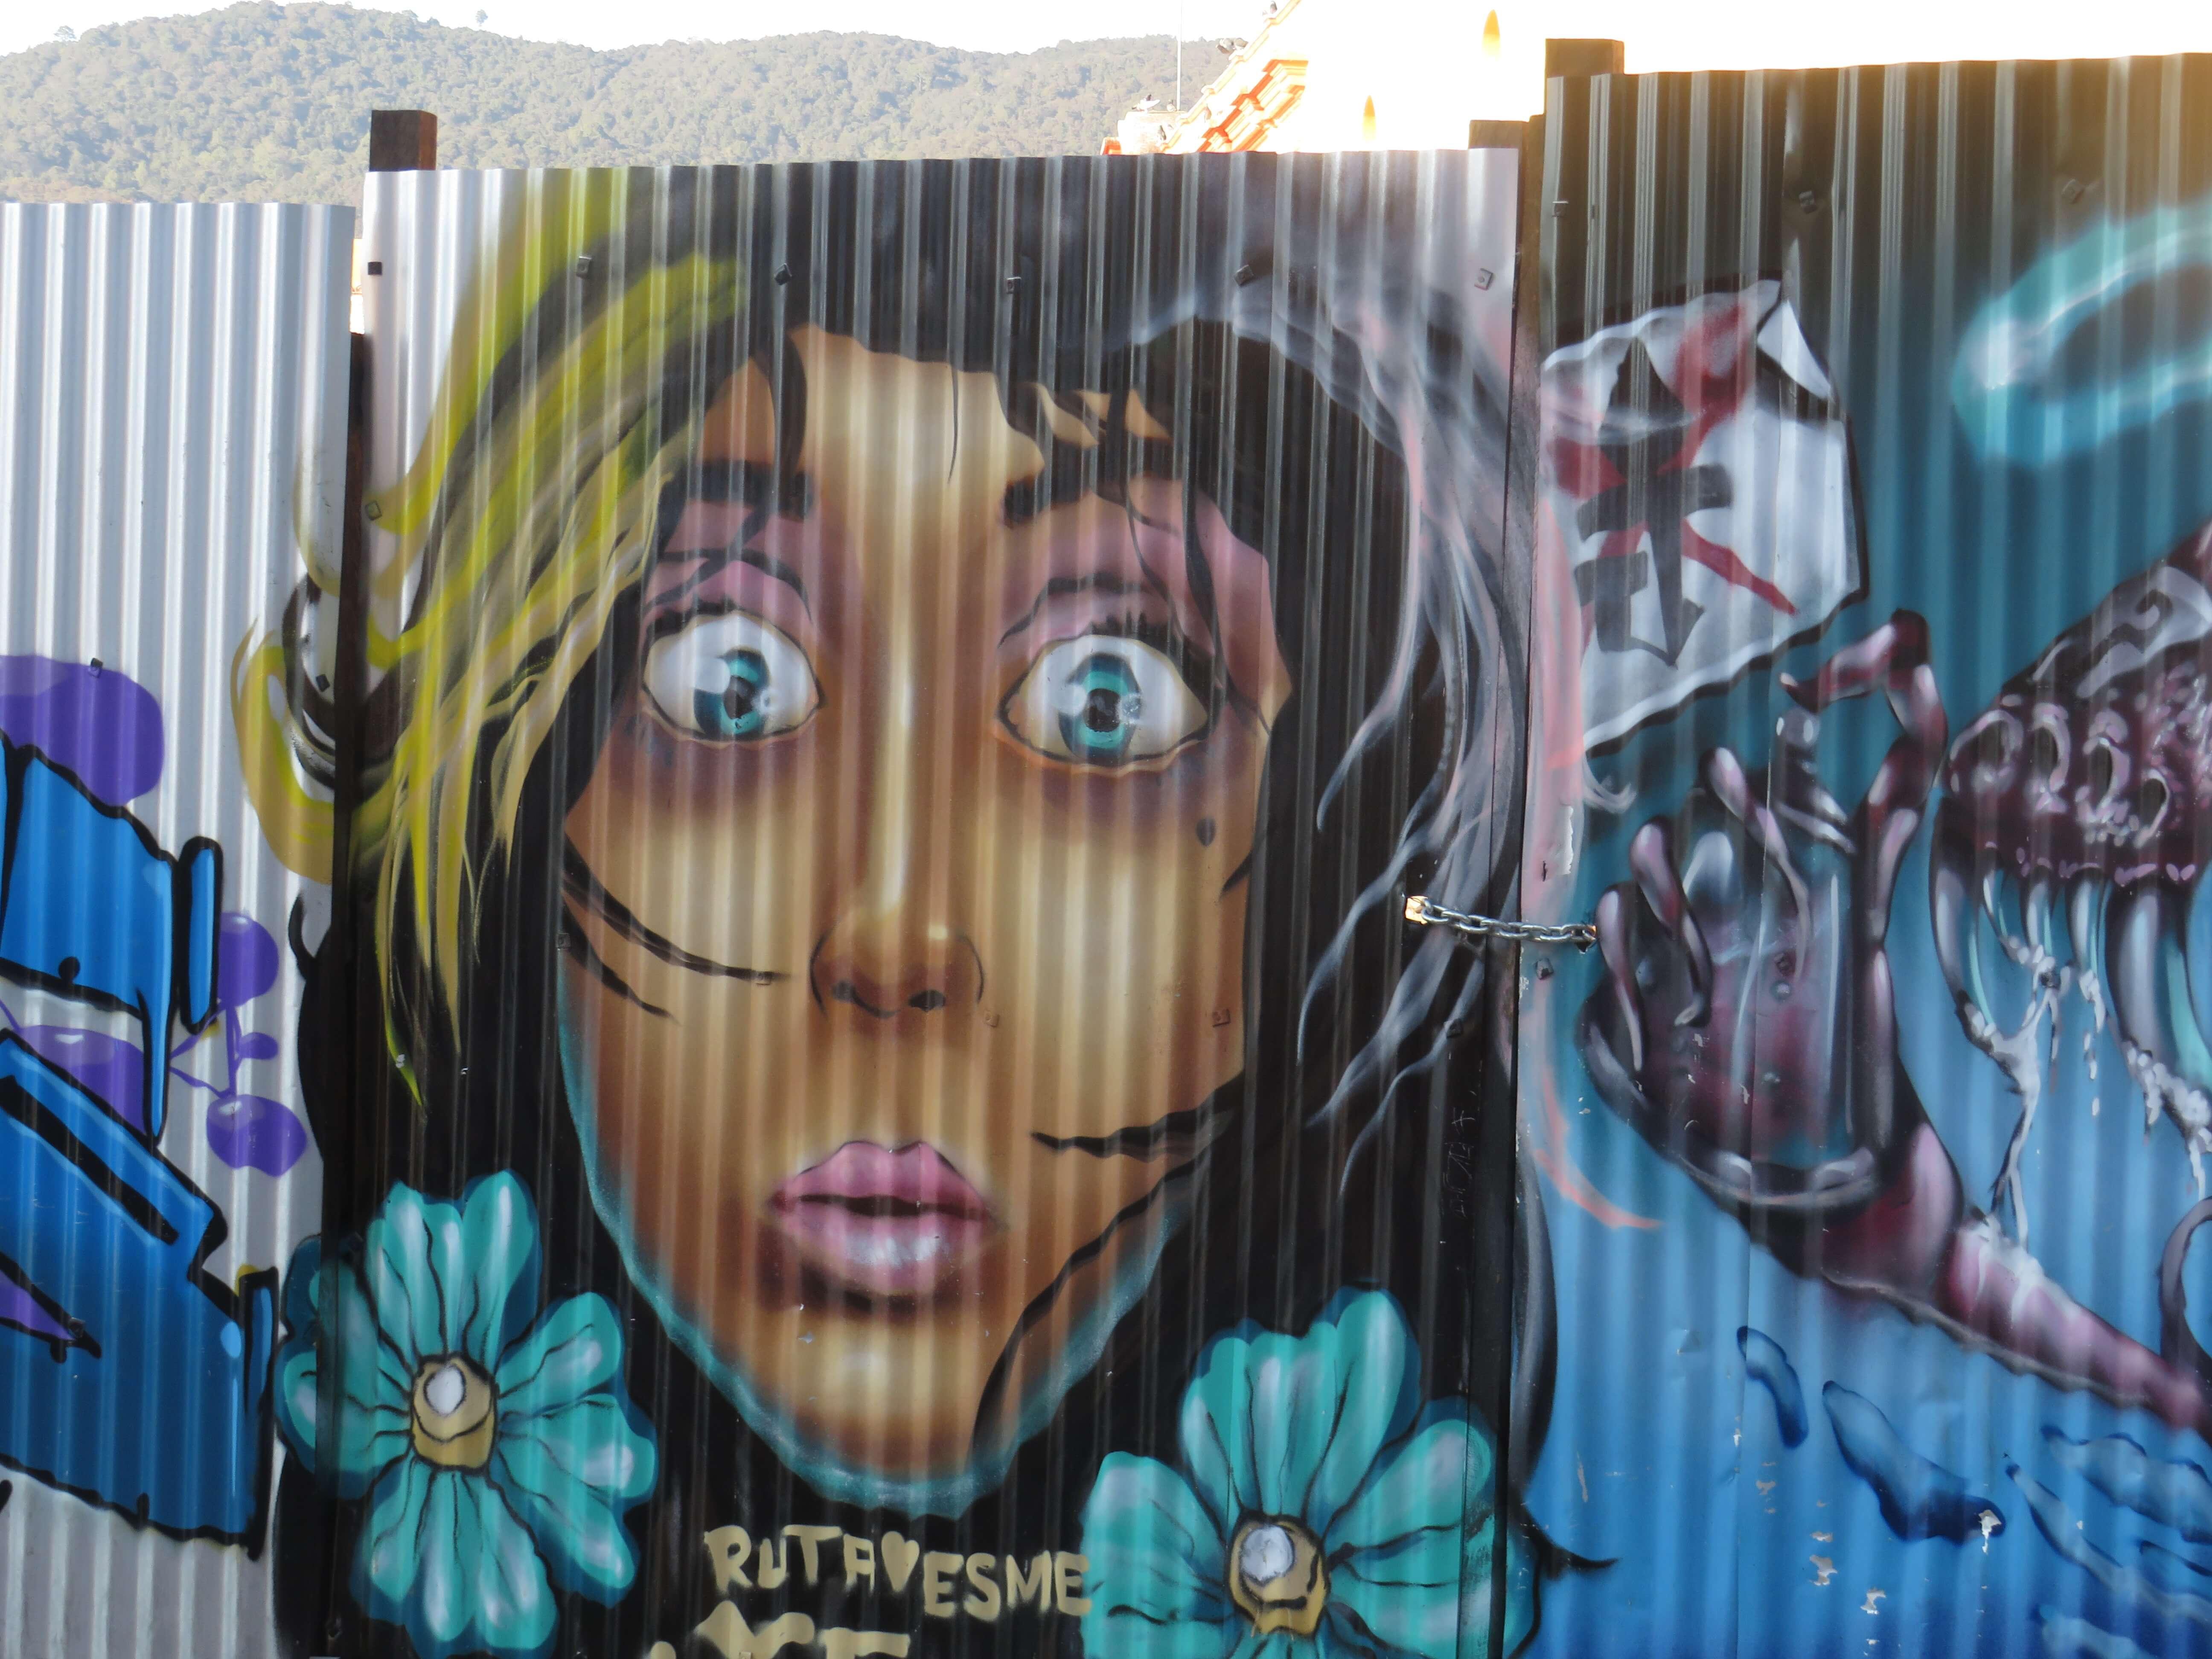 Streetart San Cristobal de las Casas/ Mexiko